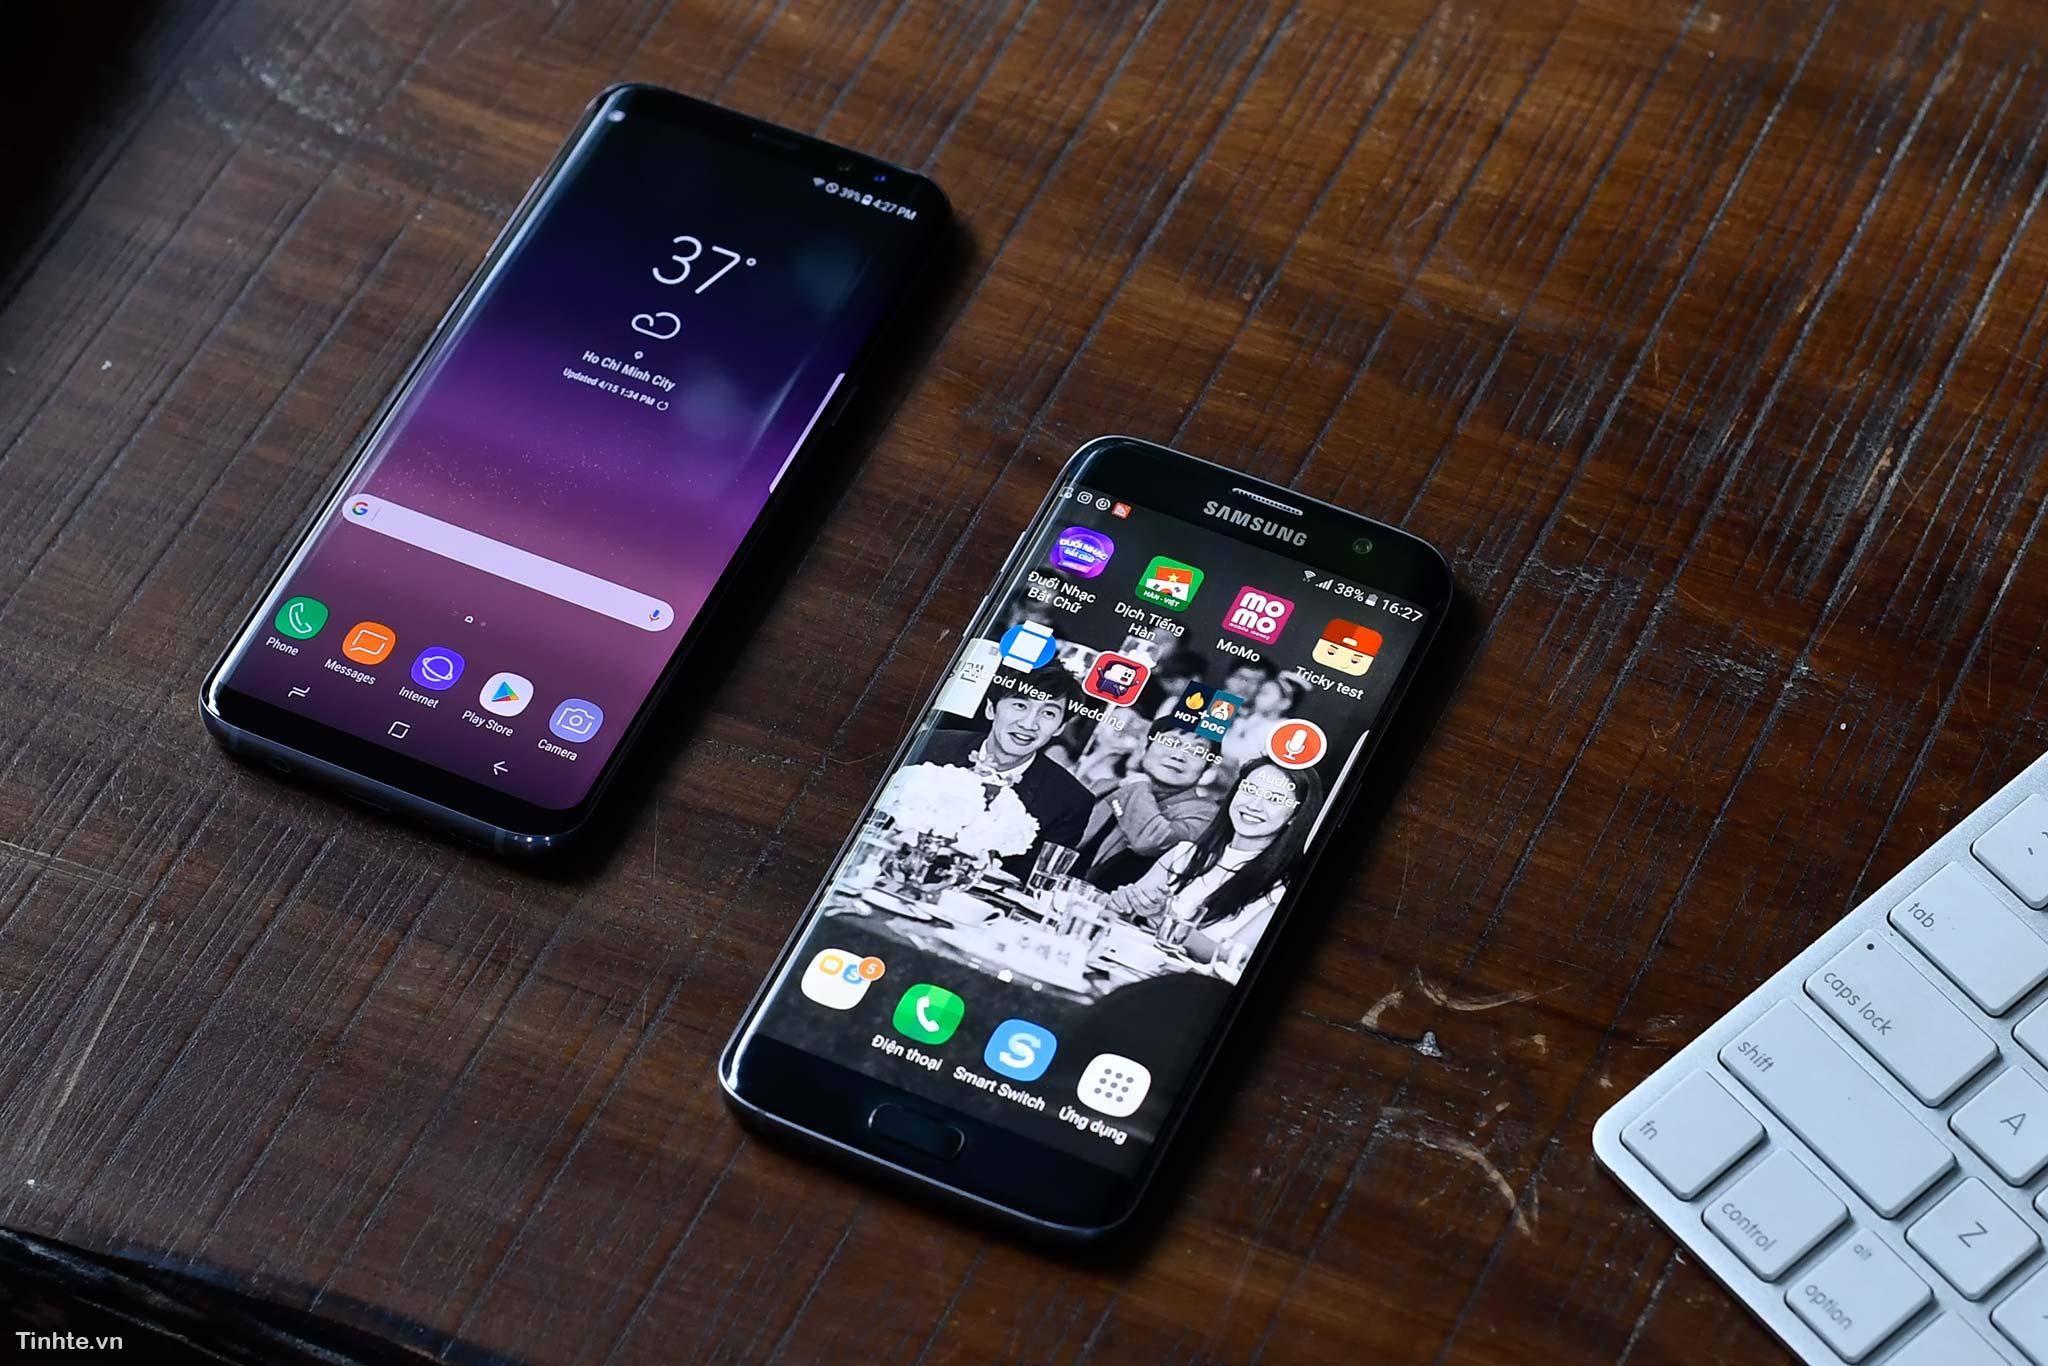 Galaxy_S8_Plus.jpg